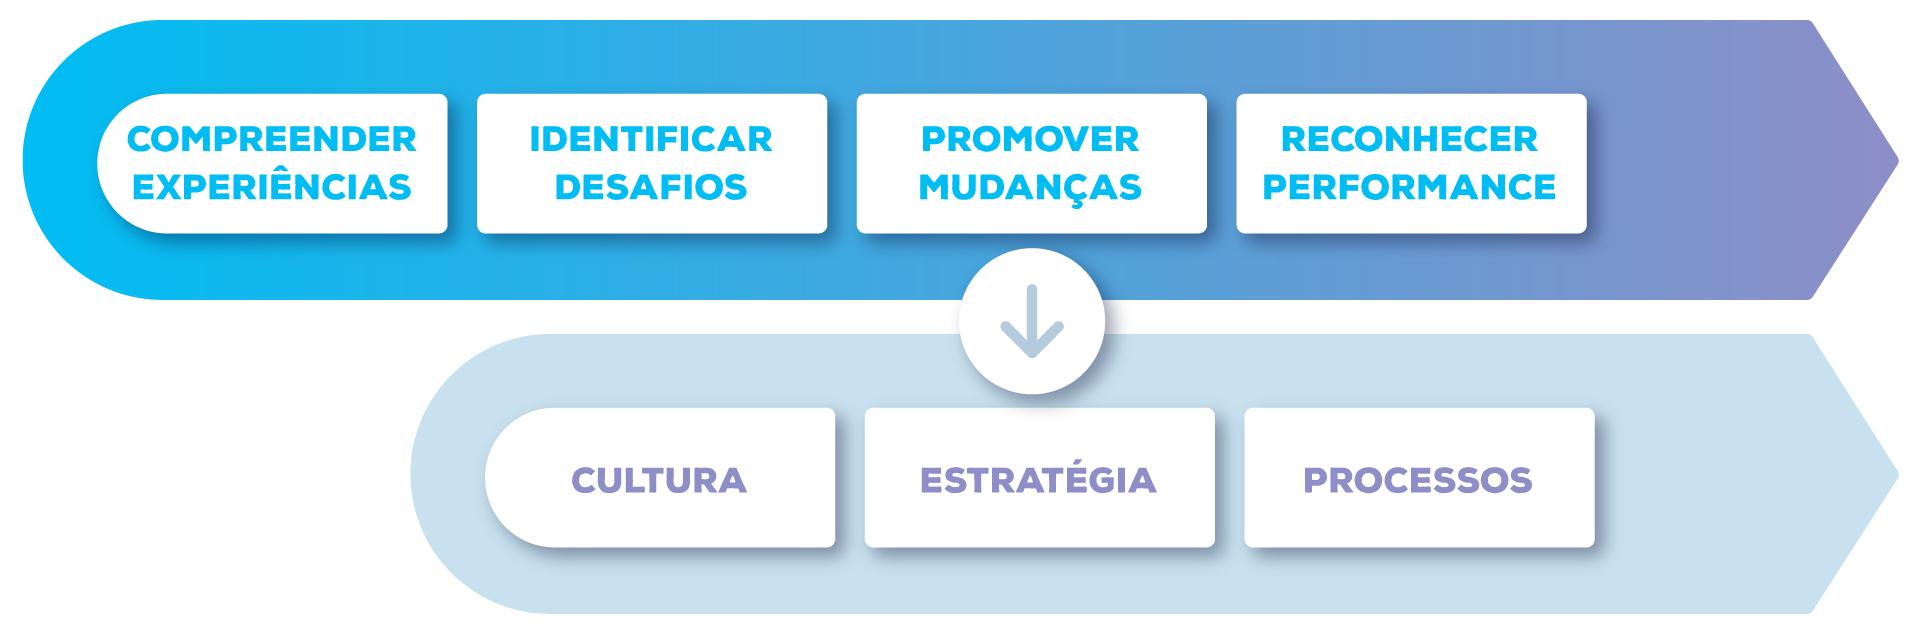 Mapeamento da gestão